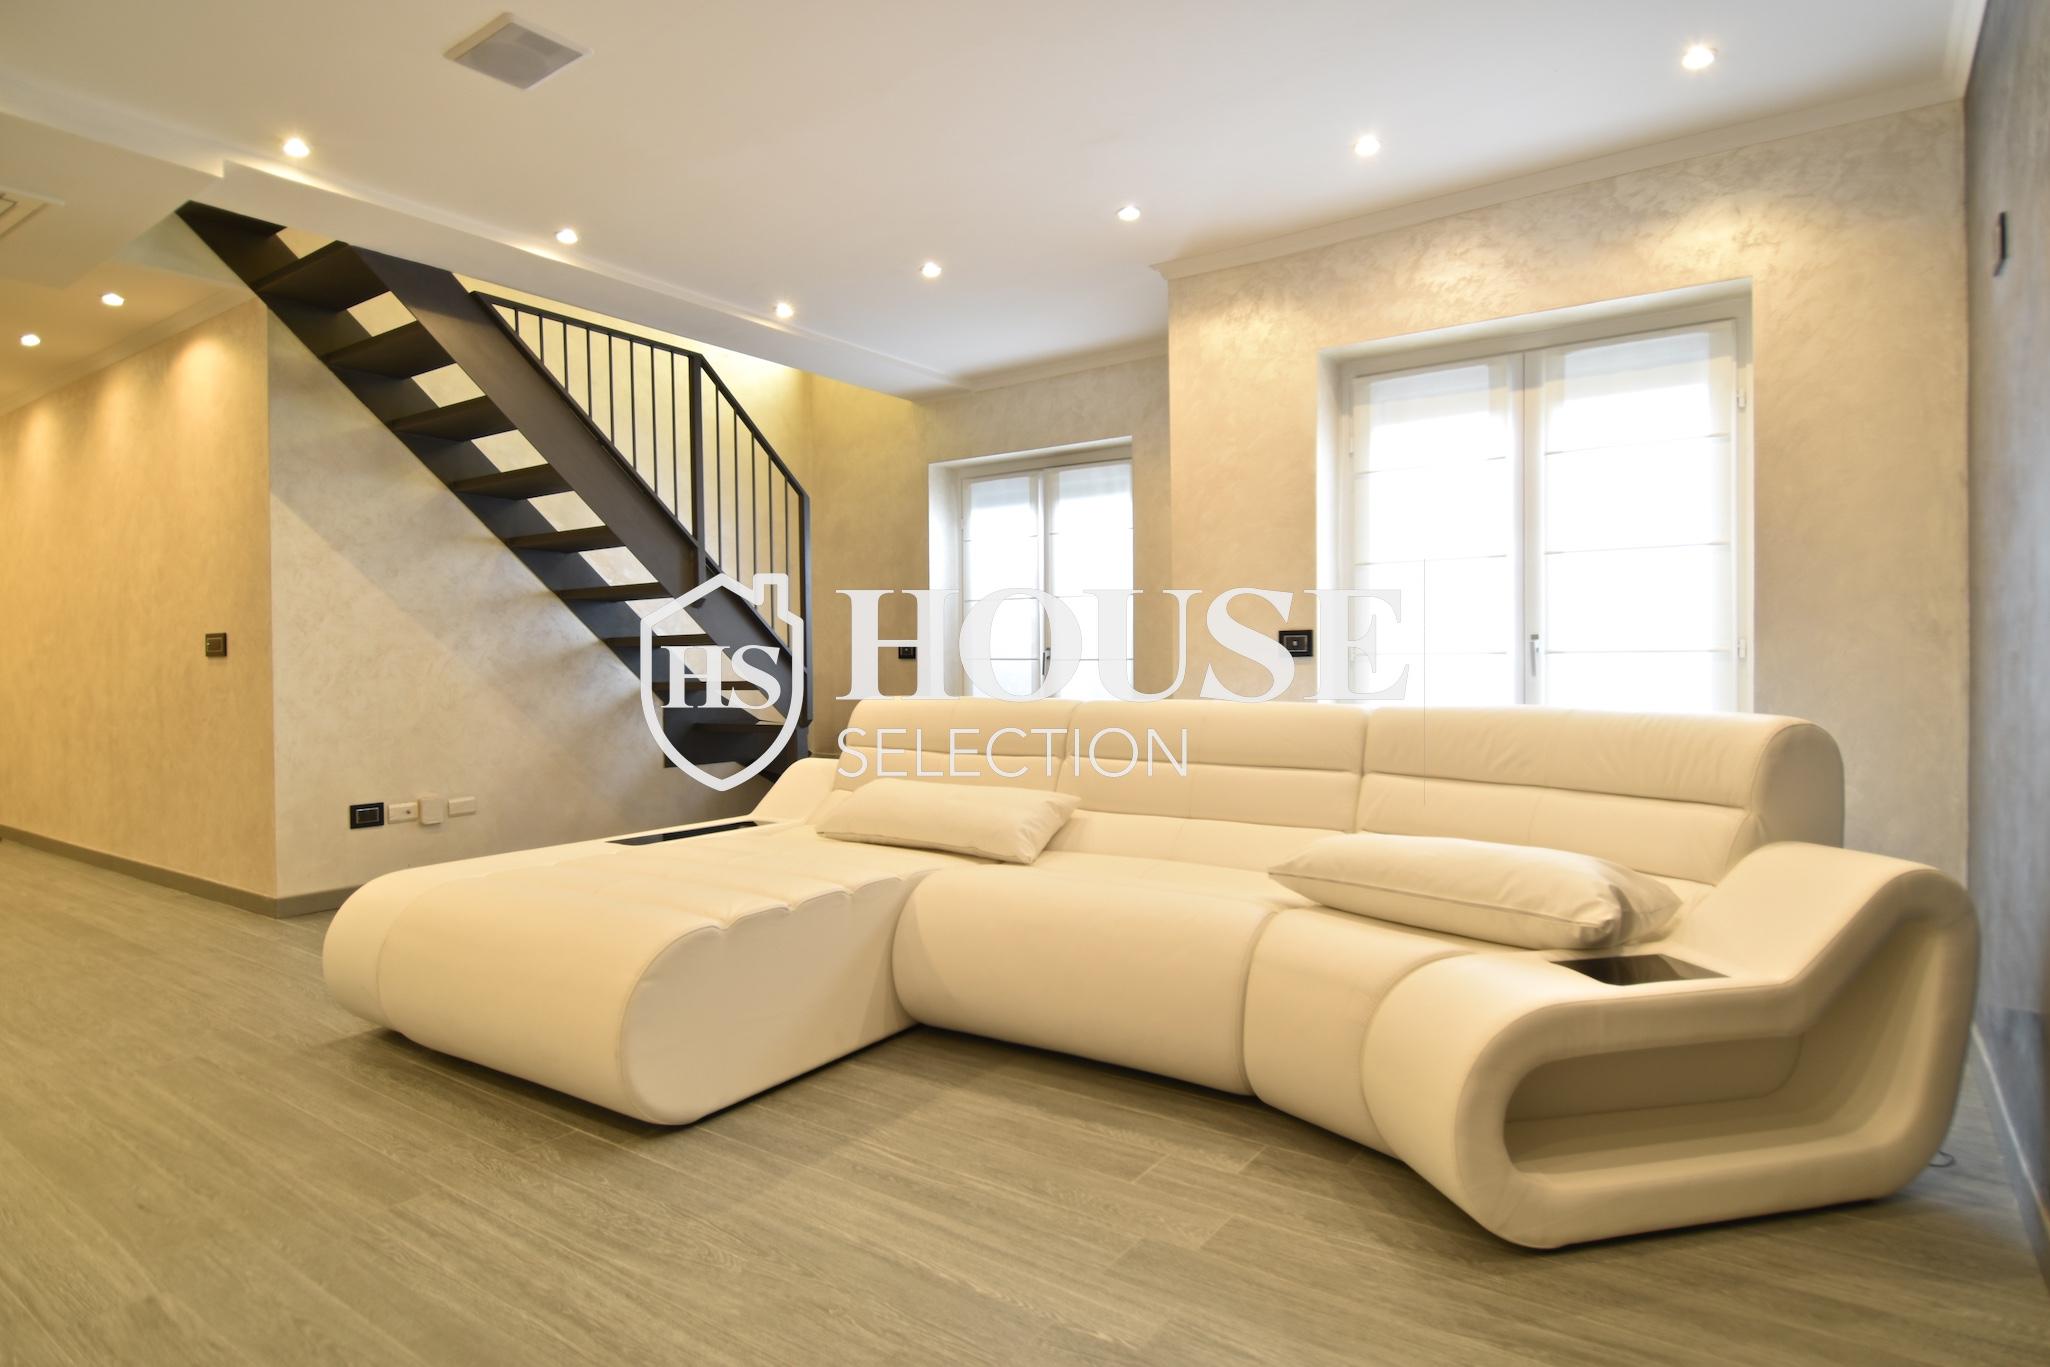 Vendita attico con terrazzo piazza Caiazzo, mm, ultimo piano, nuova realizzazione, palazzo epoca, ascensore, Milano 20